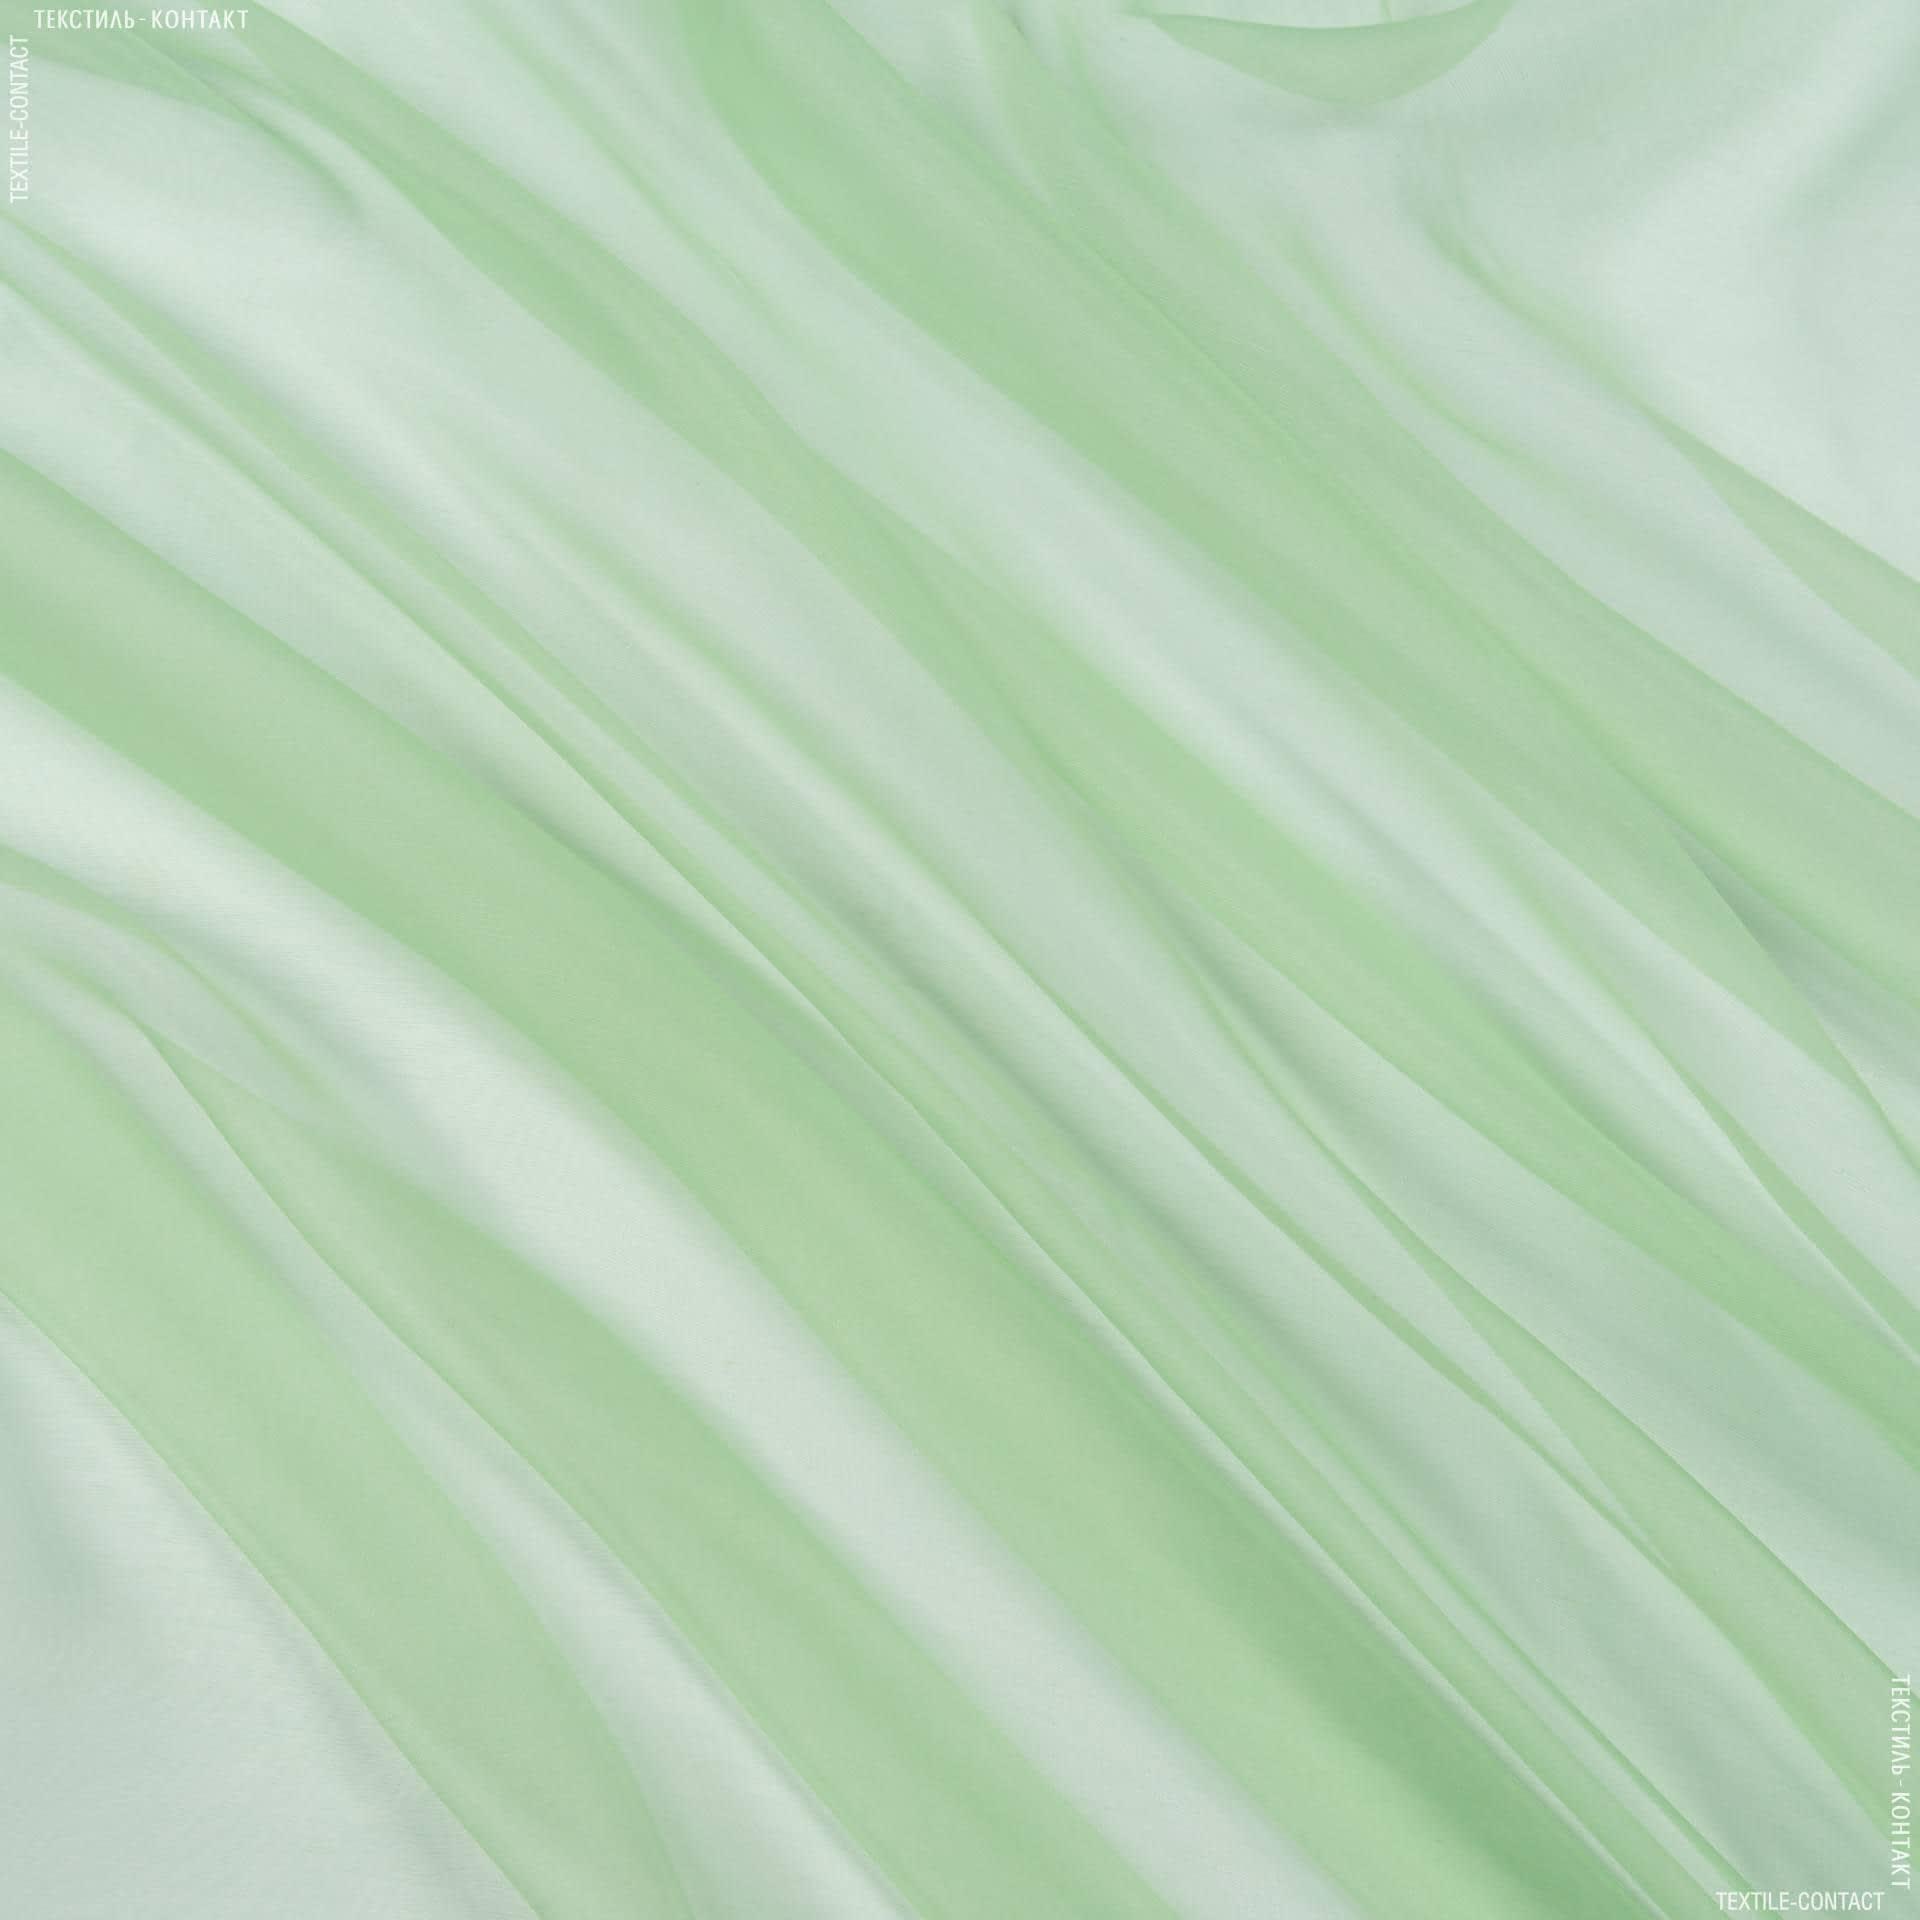 Тканини для тюлі - Органза-батист з обважнювачем Соната зел. Яблуко